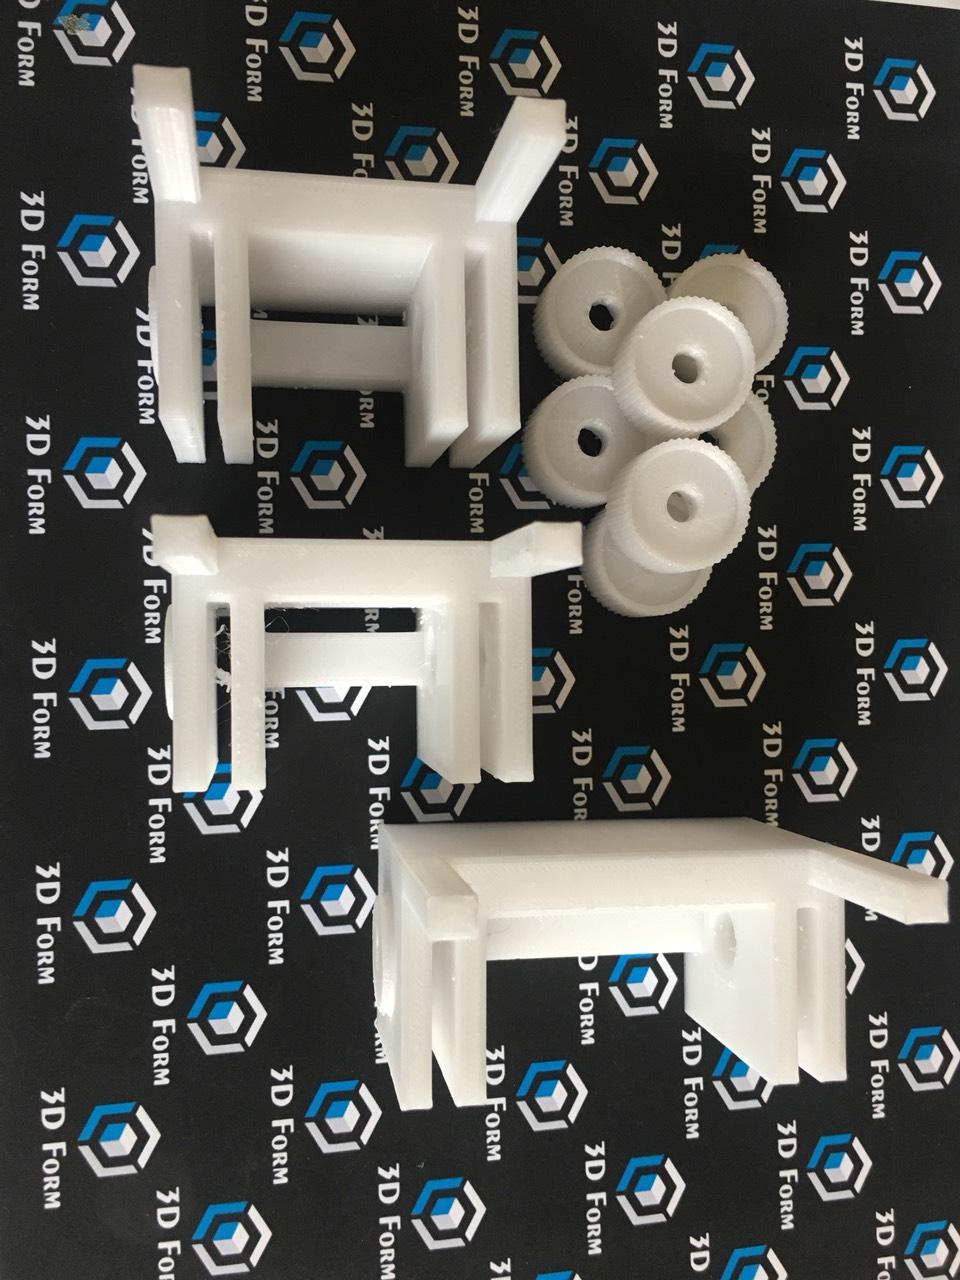 Фото 3D печать - фотополимерная 3D печать 2